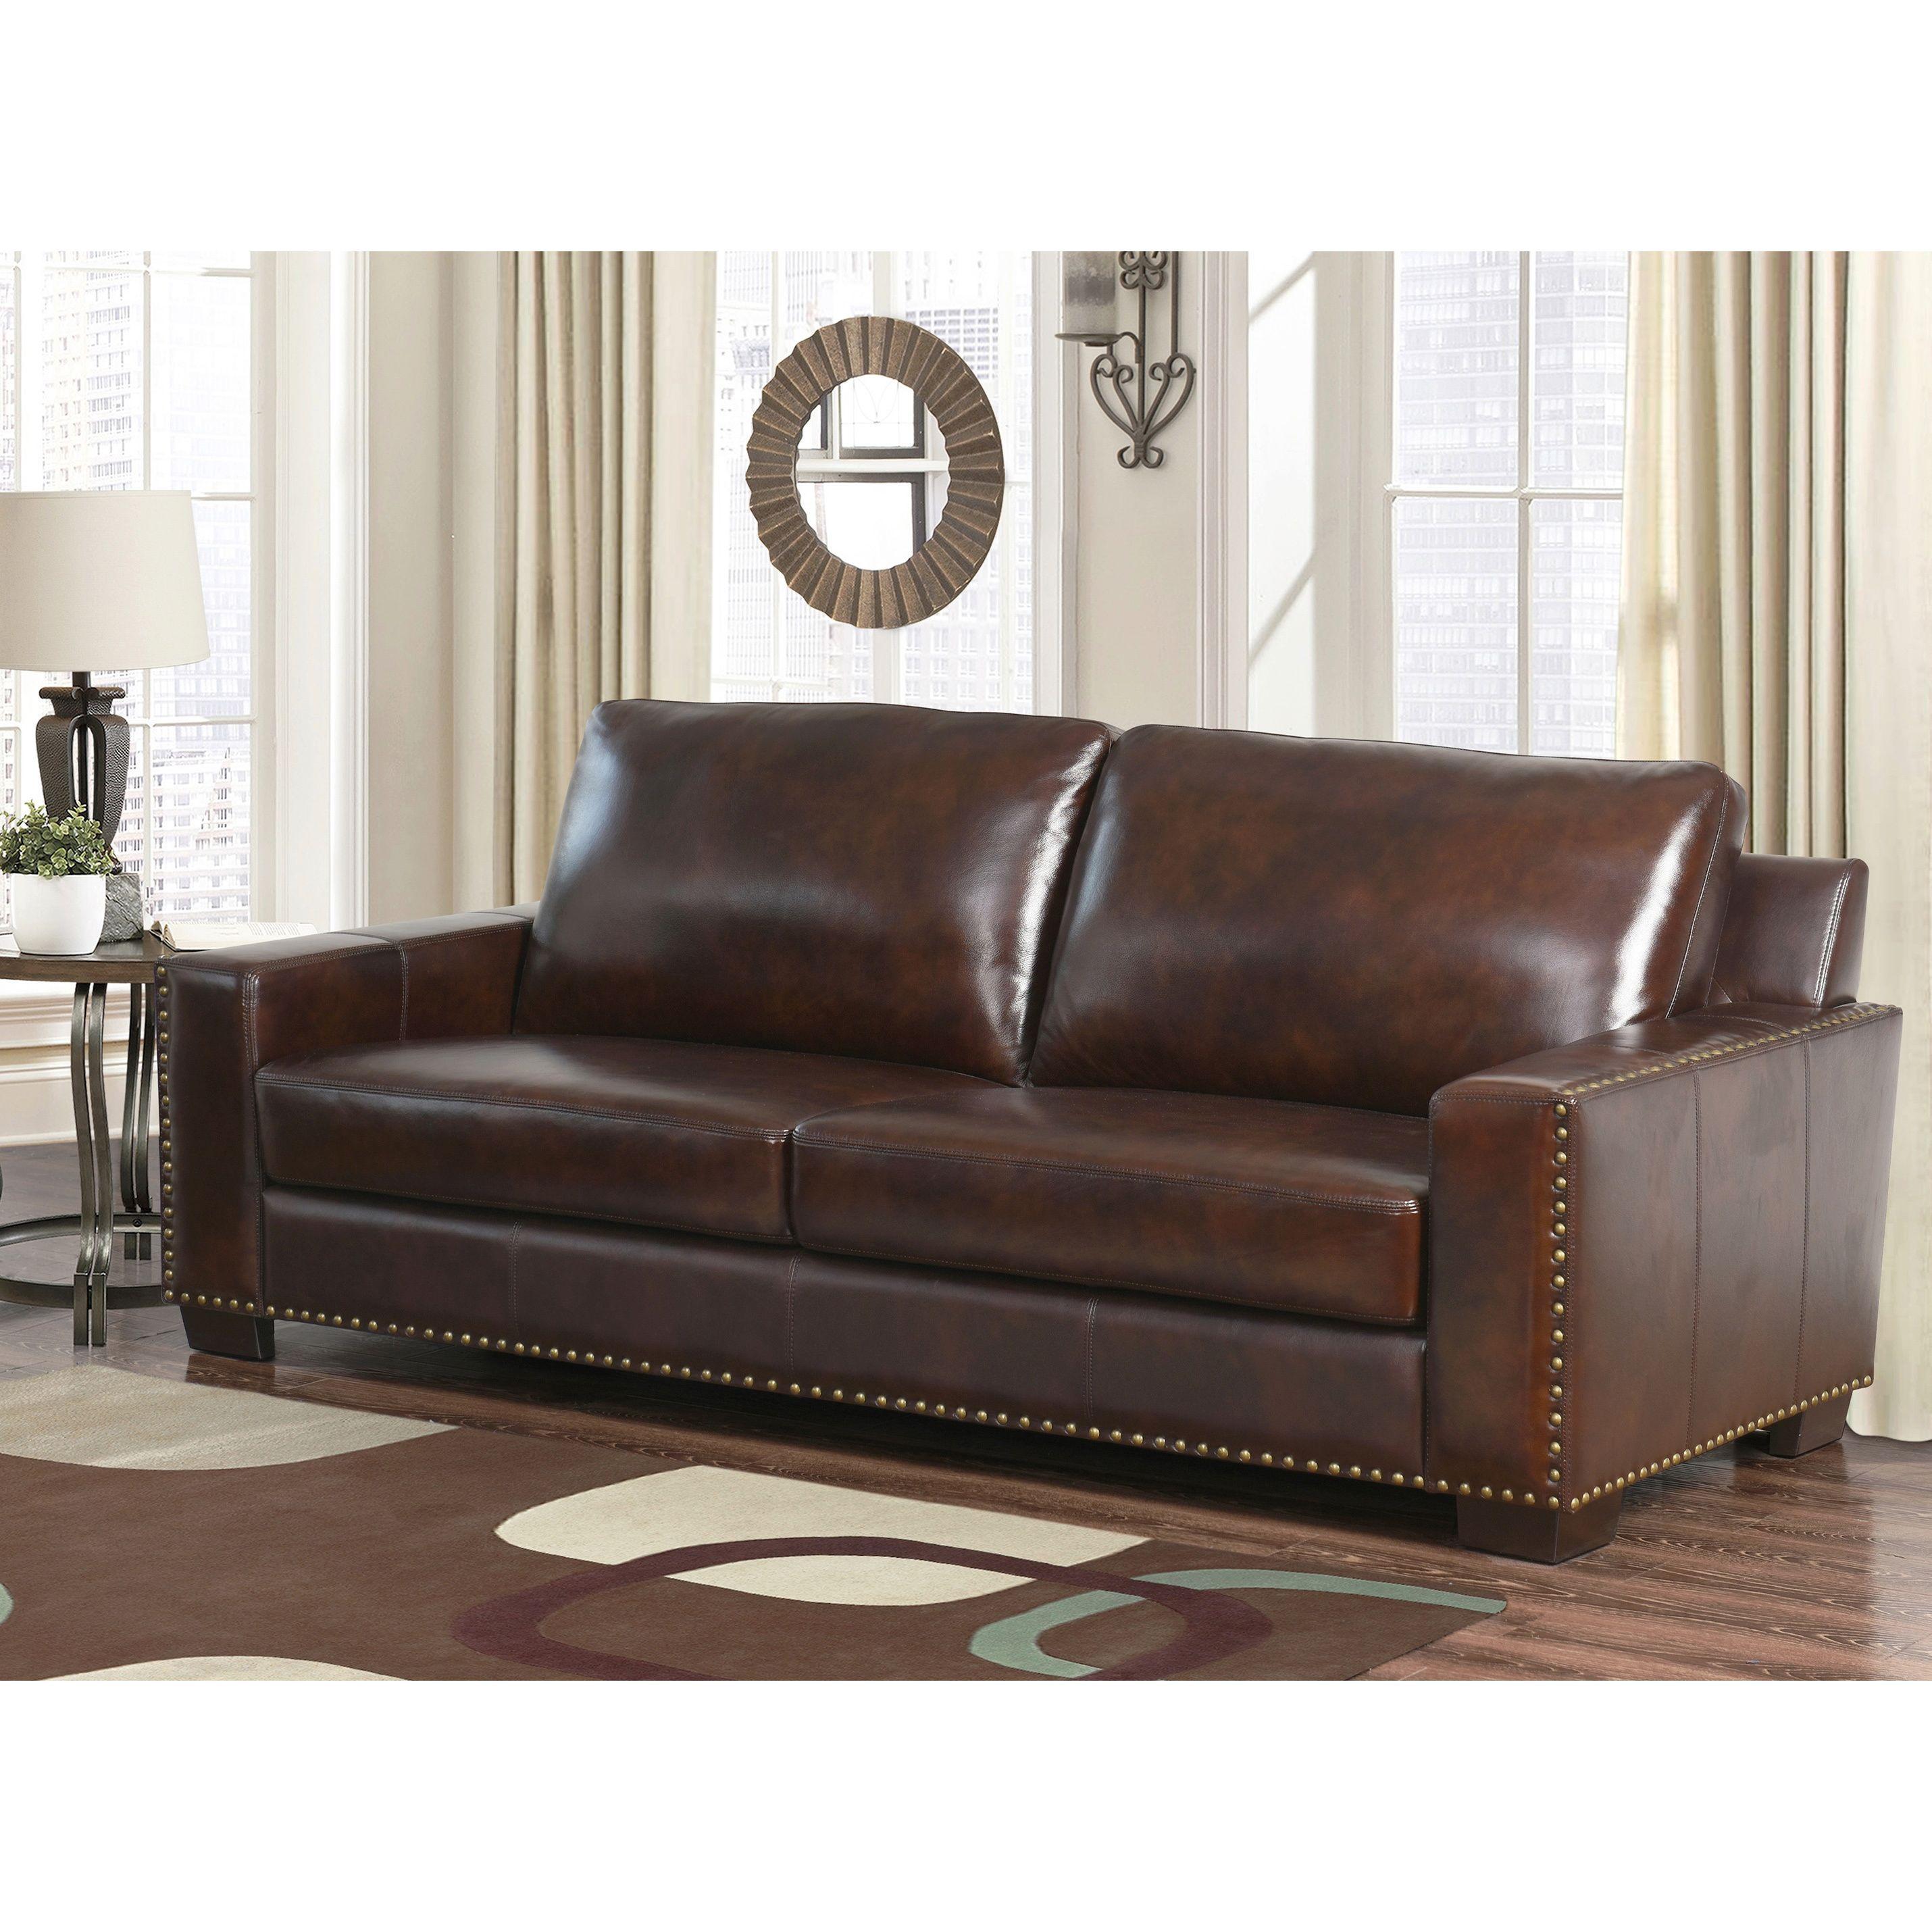 Abbyson Barrington Hand rubbed Top grain Leather Sofa by Abbyson